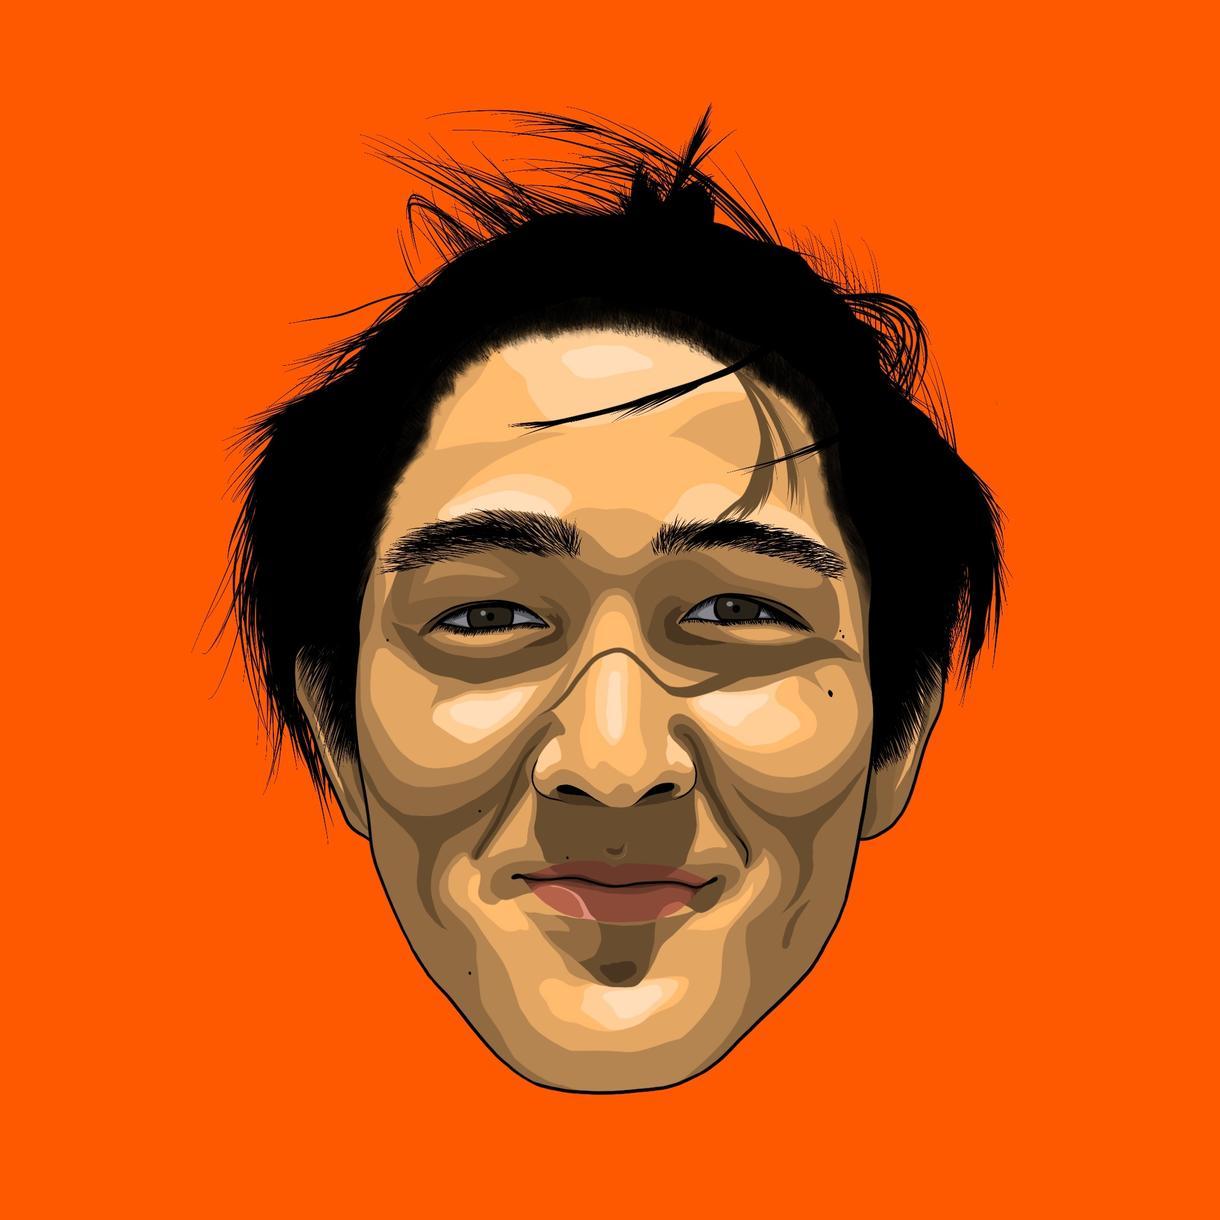 海外のおしゃれなポスター風似顔絵作成します 他の人のアイコンと差をつけたい人へ